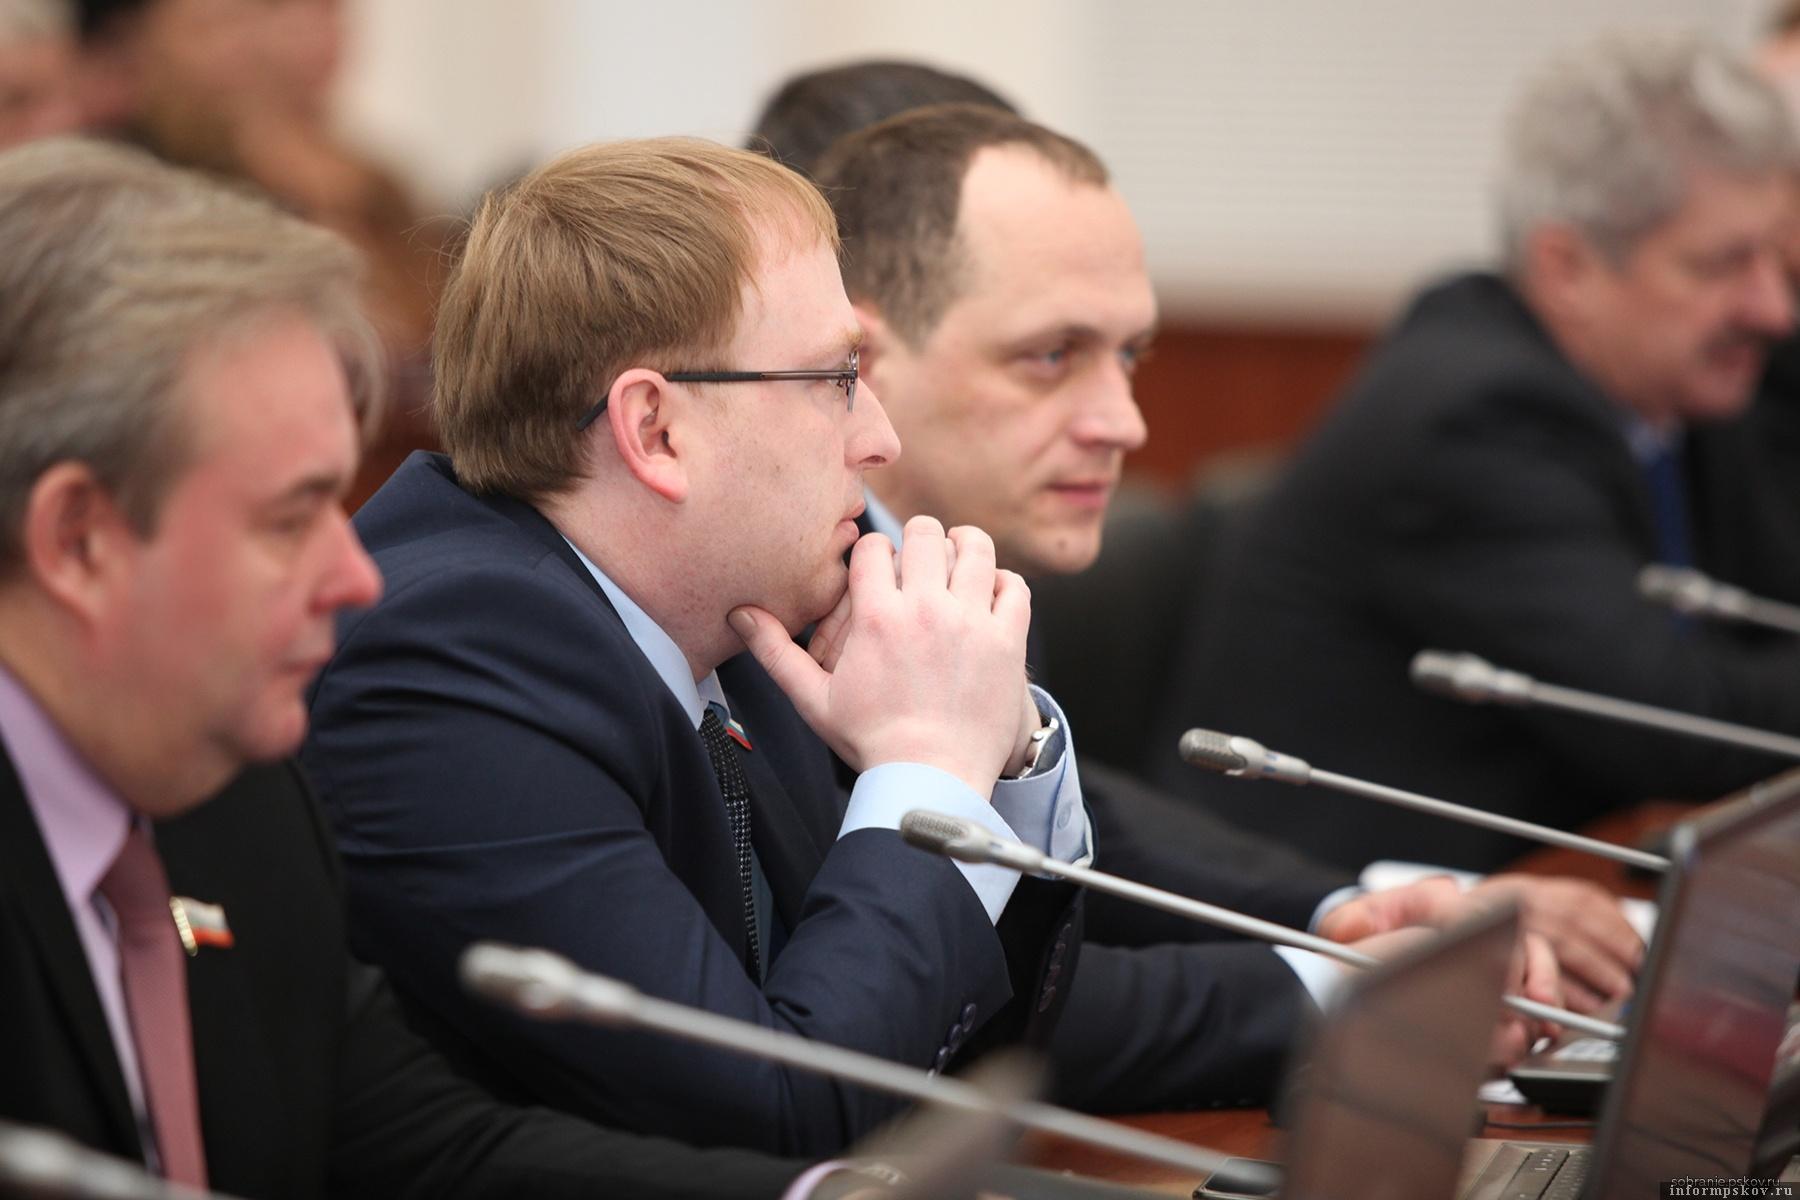 Представители ЛДПР Антон Минаков (в центре) и Юрий Павлинов (справа) в начале сессии зачитали обращение из Порхова, но затем прогуляли доклад вице-губернатора Александра Кузнецова о мусорной проблеме